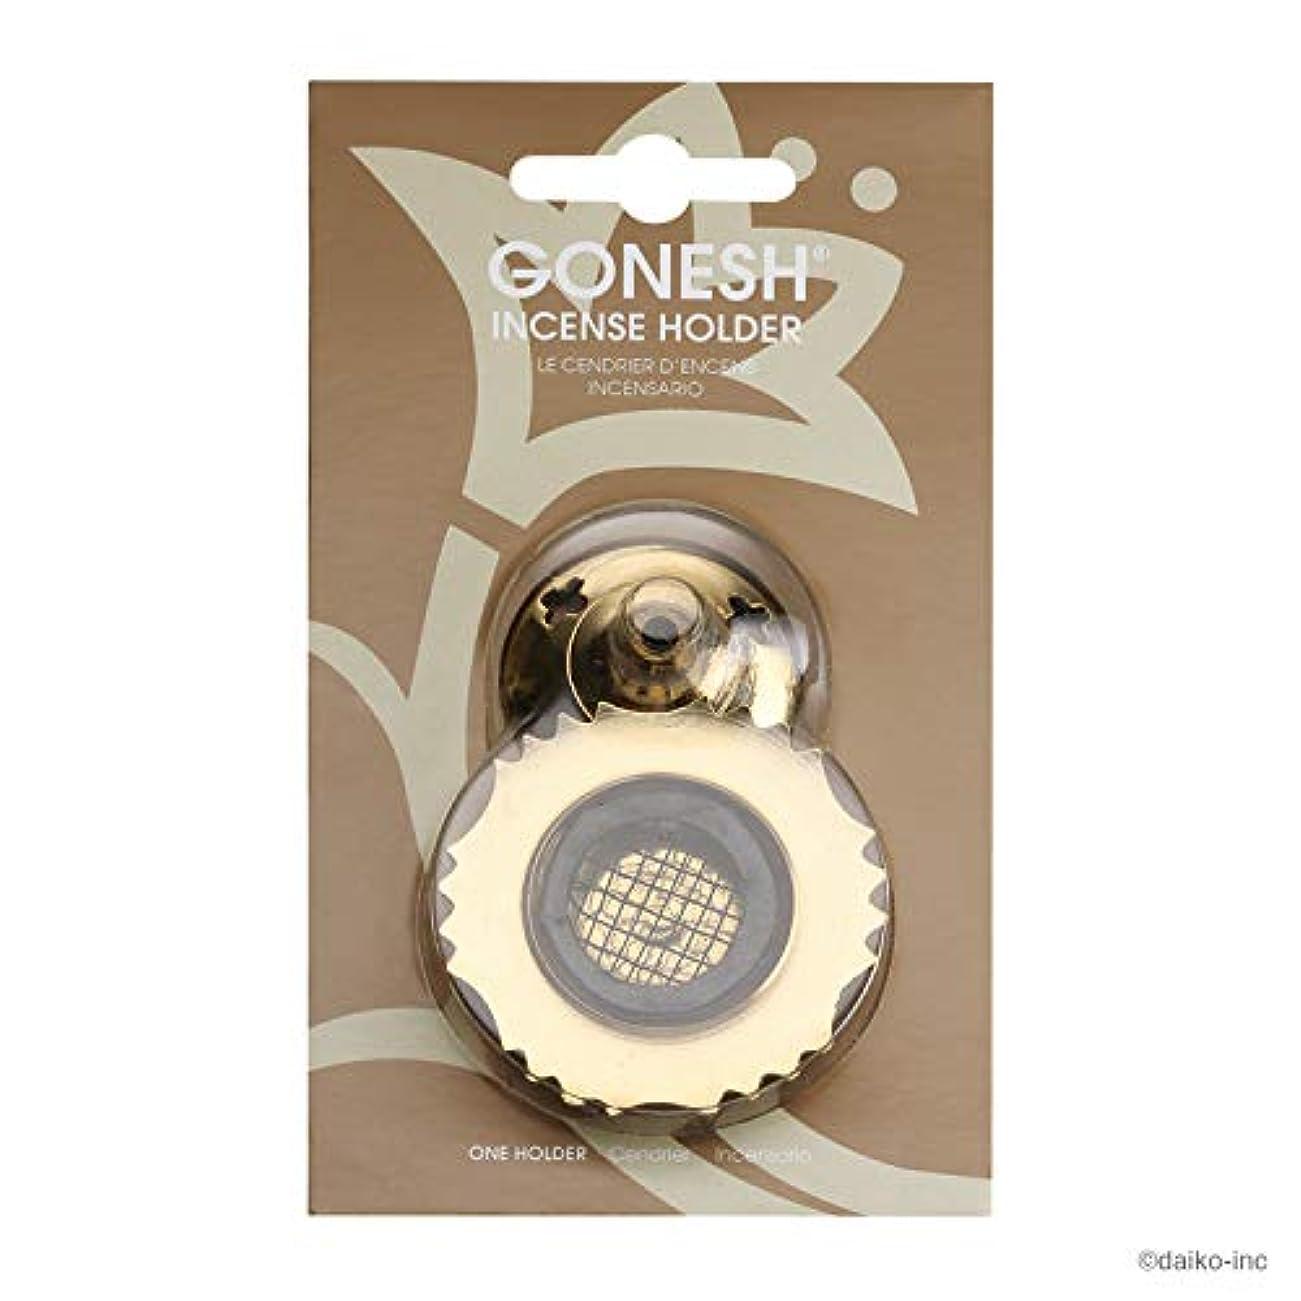 閉じるルート行商人ガーネッシュ(GONESH) インセンスホルダー メッシュブラス (お香立て)